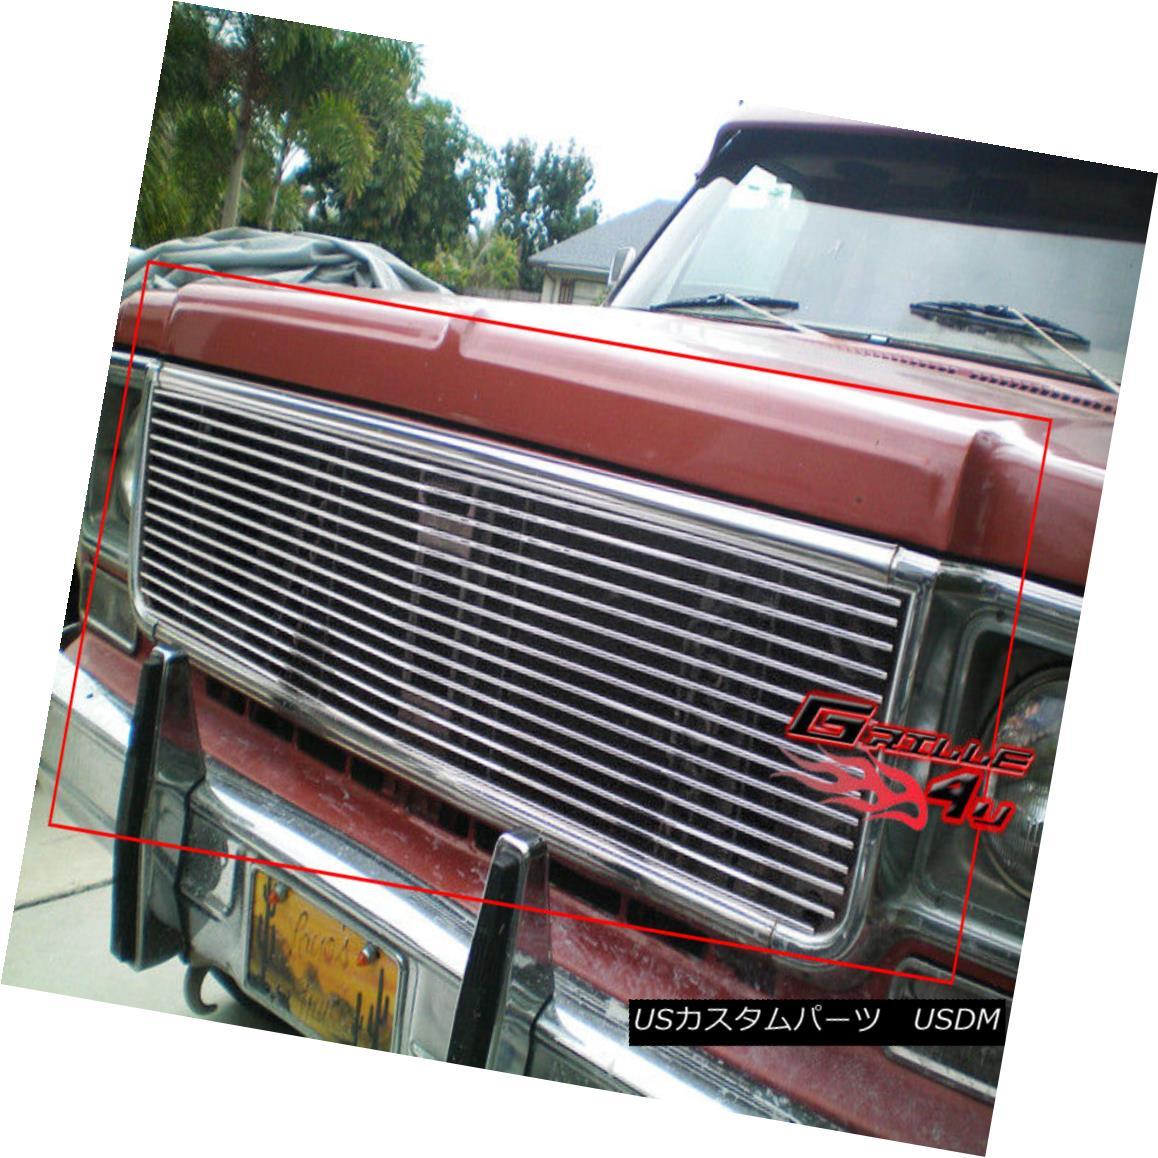 グリル Fits 1973-1980 Chevy C/K Pickup/Suburban/Blazer Billet Grille 1973-1980 Chevy C / K Pickup / Suburba n / Blazer Billet Grilleに適合